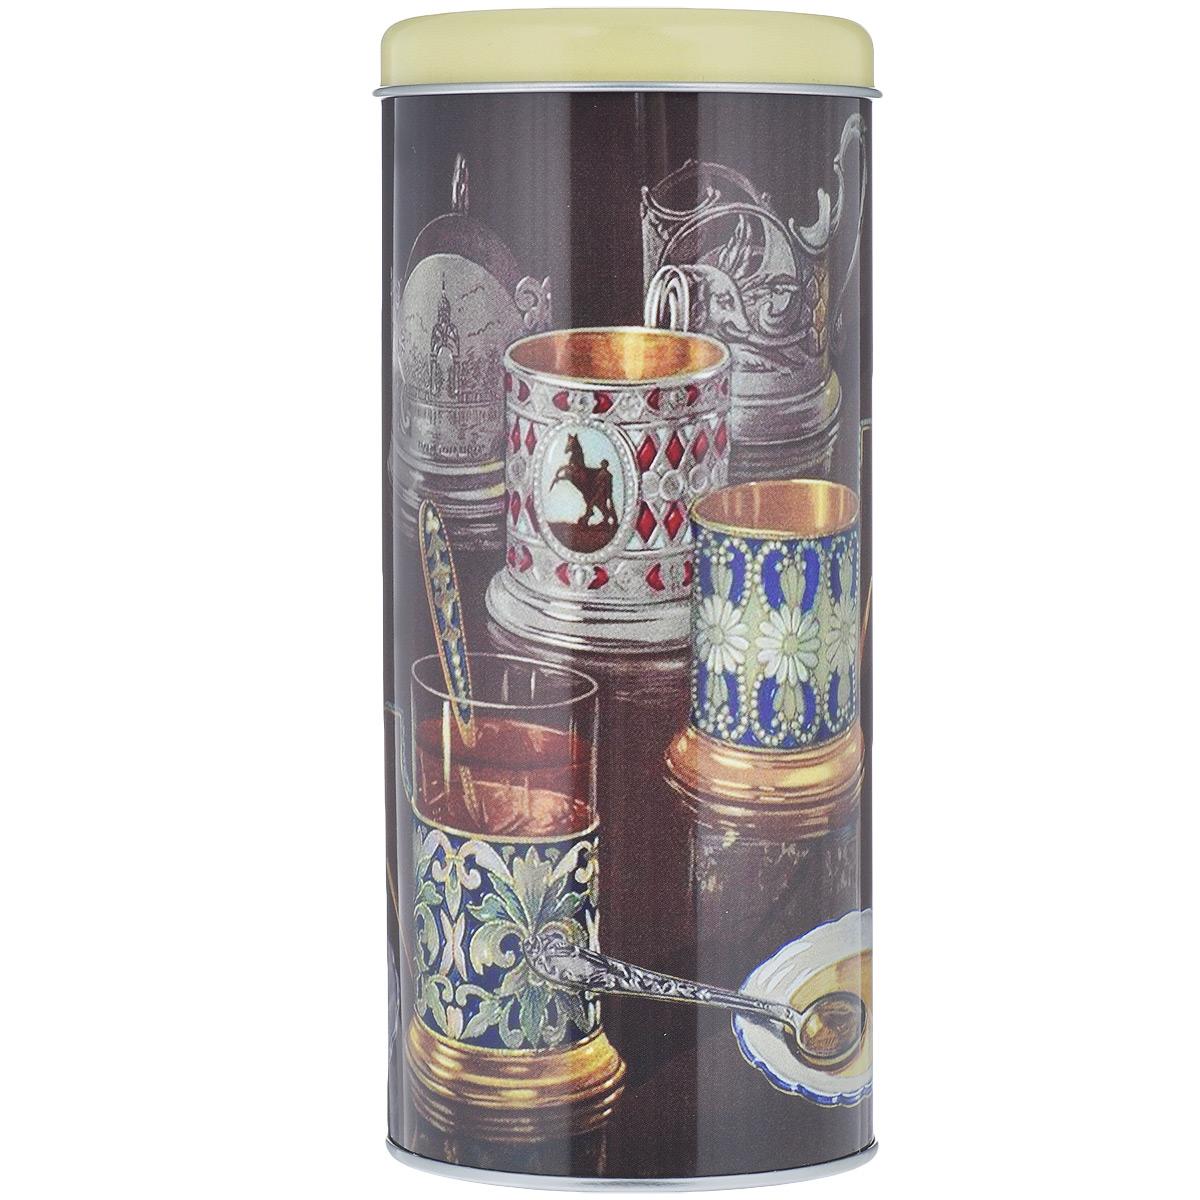 Банка для сыпучих продуктов Феникс-Презент Подстаканники, 750 мл37624Банка для сыпучих продуктов Феникс-Презент Подстаканники изготовлена из металла и оснащена крышкой. Корпус банки оформлен рисунком с изображением стаканов в подстаканниках. Изделие идеально подойдет для хранения чая, кофе, сахара или других сыпучих продуктов. Банка сохраняет продукты свежими и ароматными на длительное время. Функциональная и вместительная, такая банка станет незаменимым аксессуаром и стильно оформит интерьер кухни.